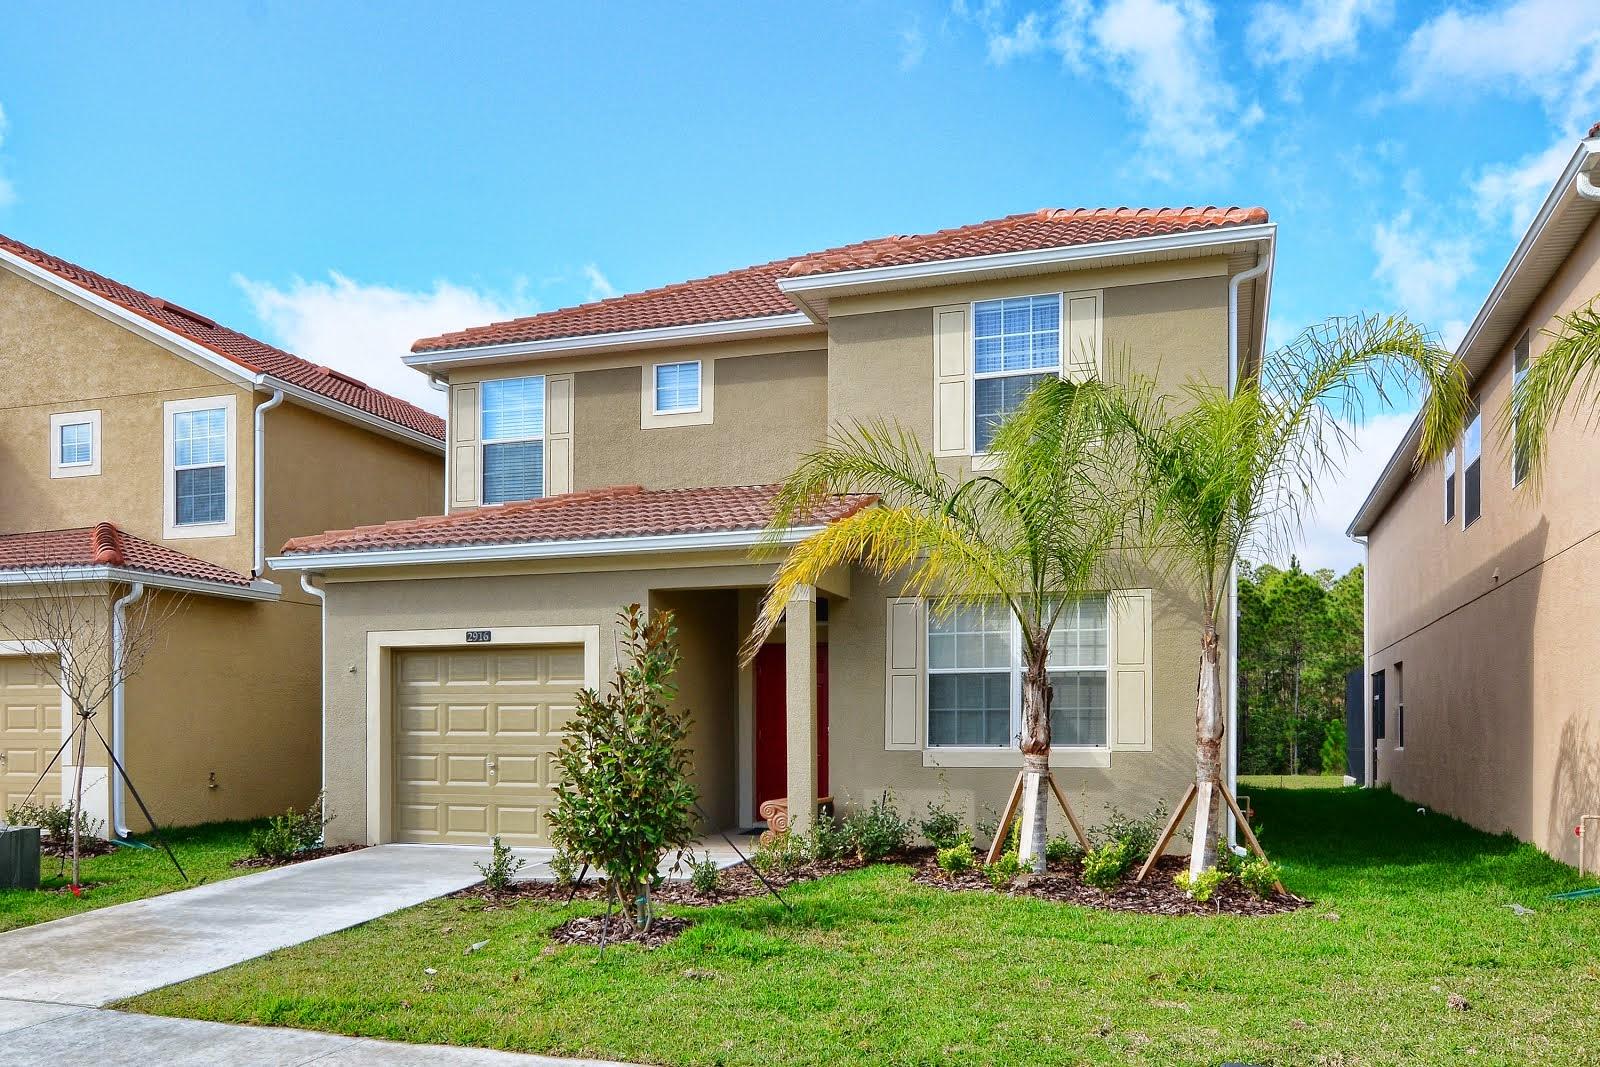 Casa de 5 quartos c/ piscina no condomínio Paradise Palms